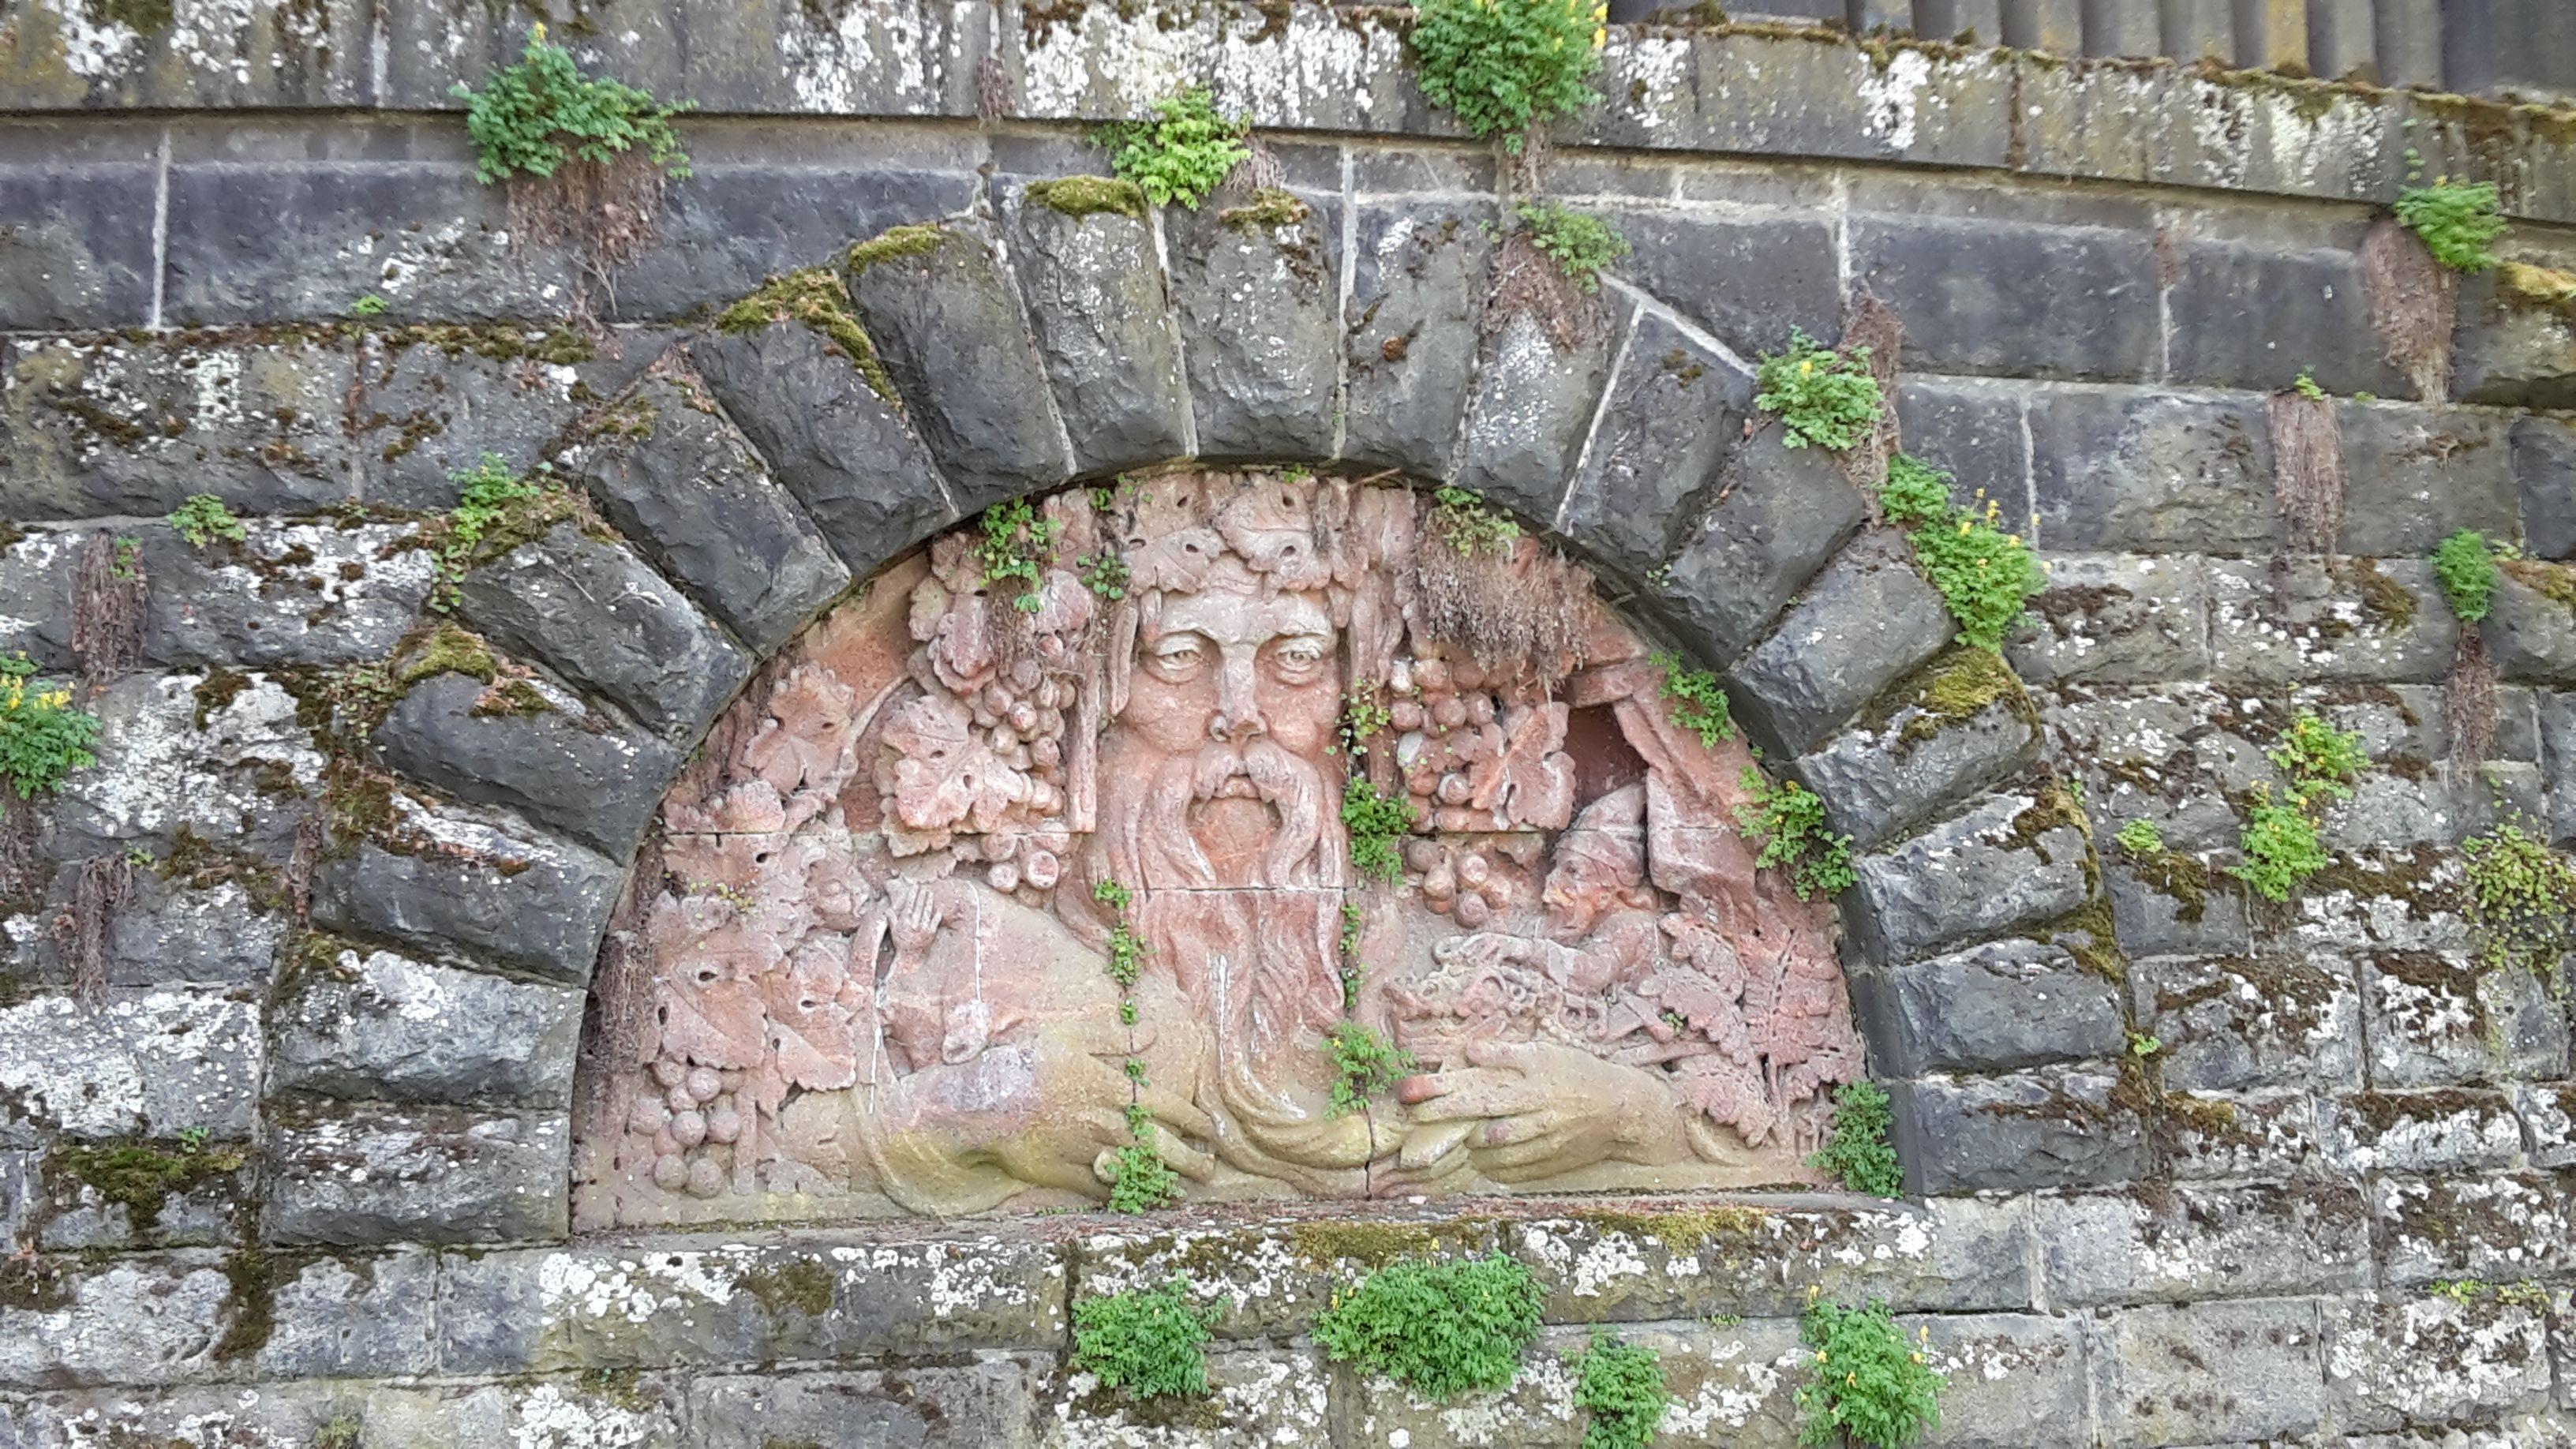 Steinskulptur am Rheinufer Bonn